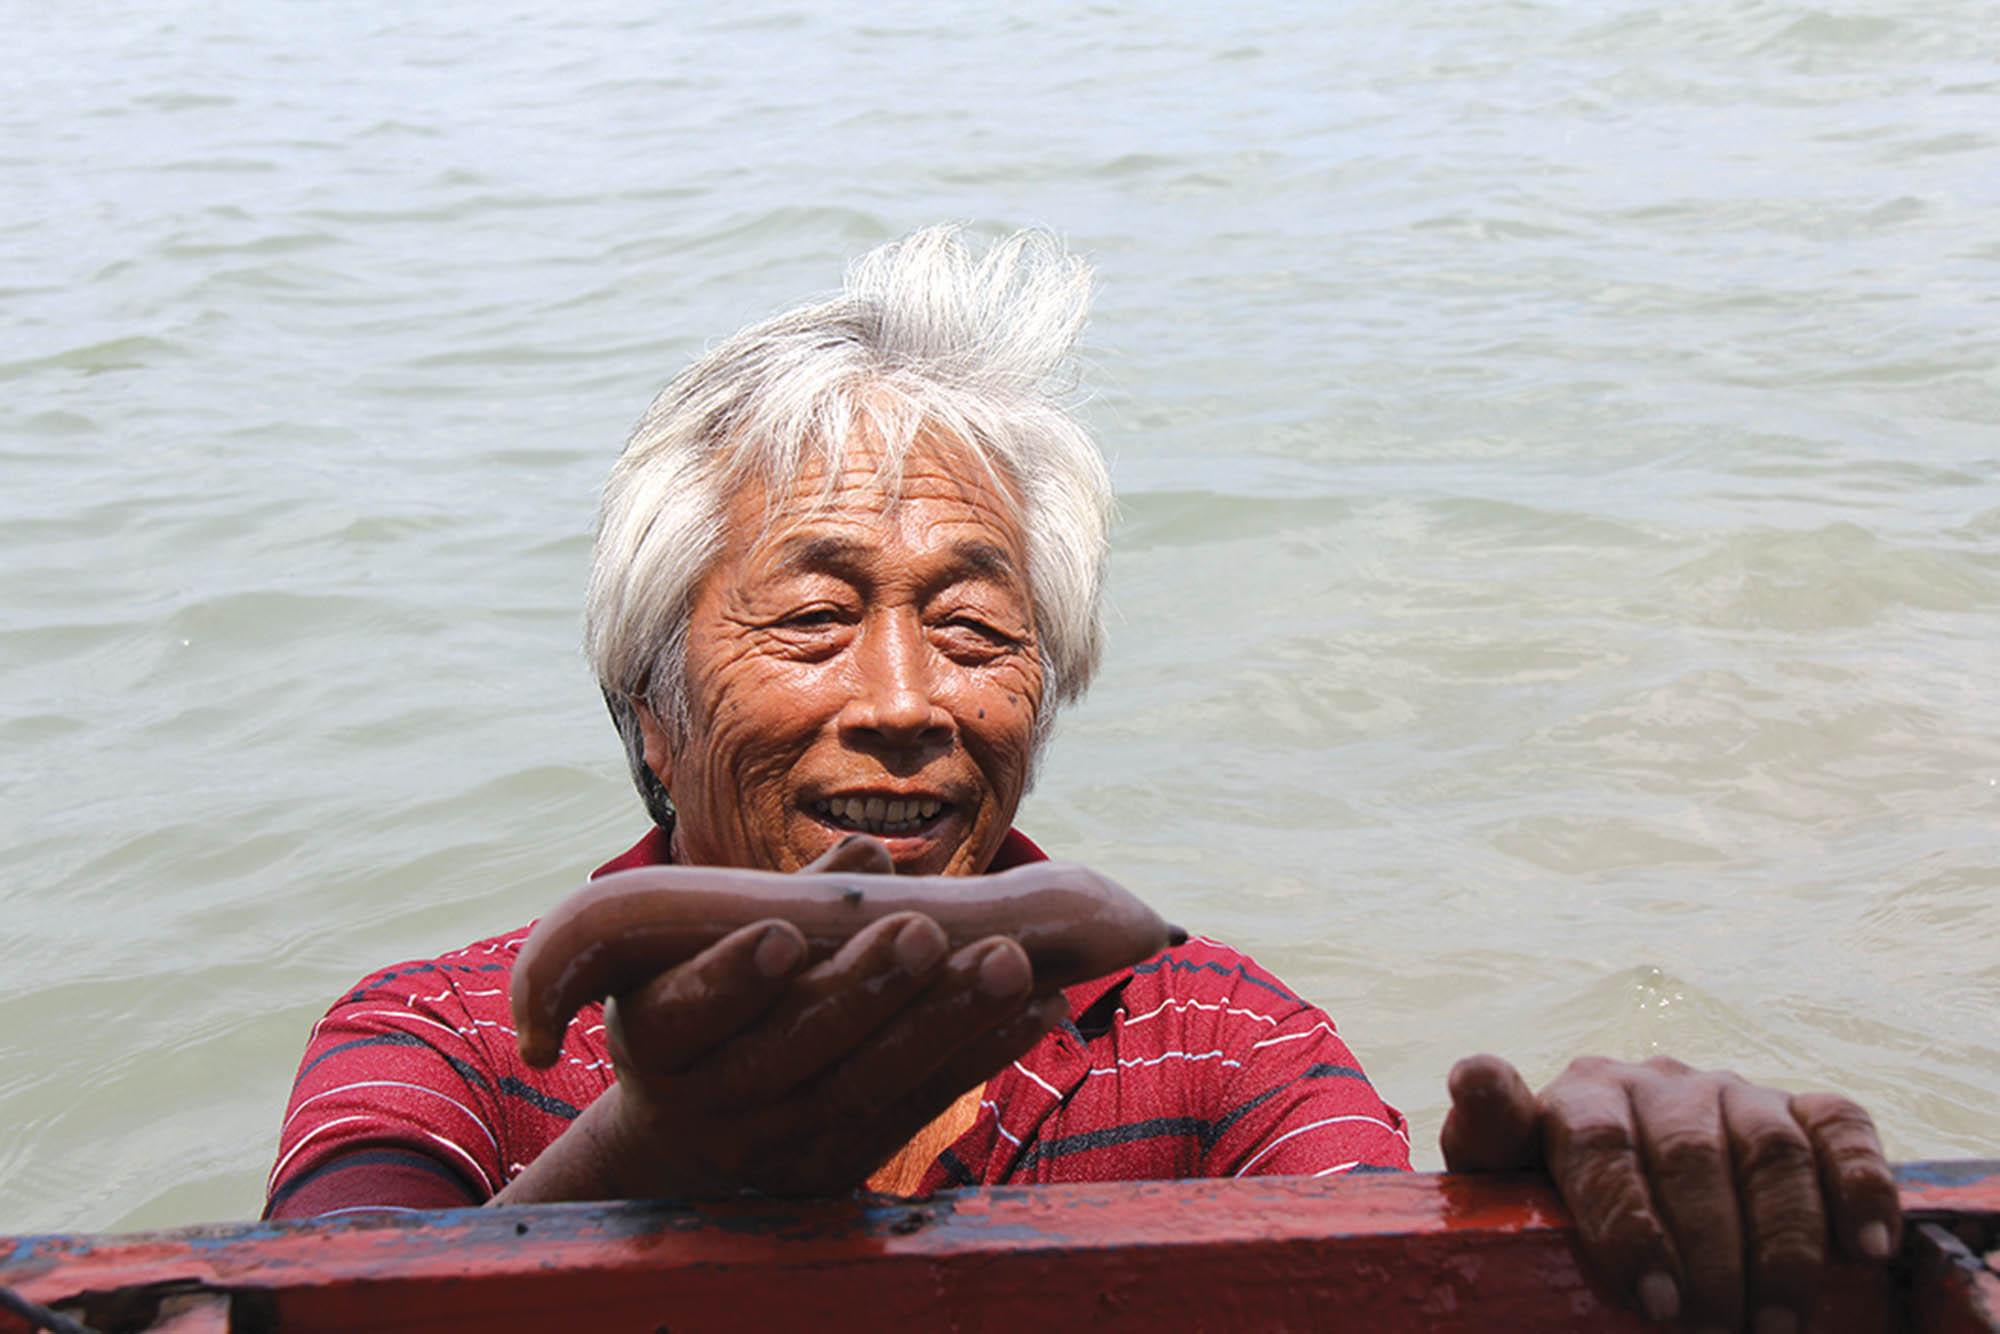 Рибалка демонструє морського огірка